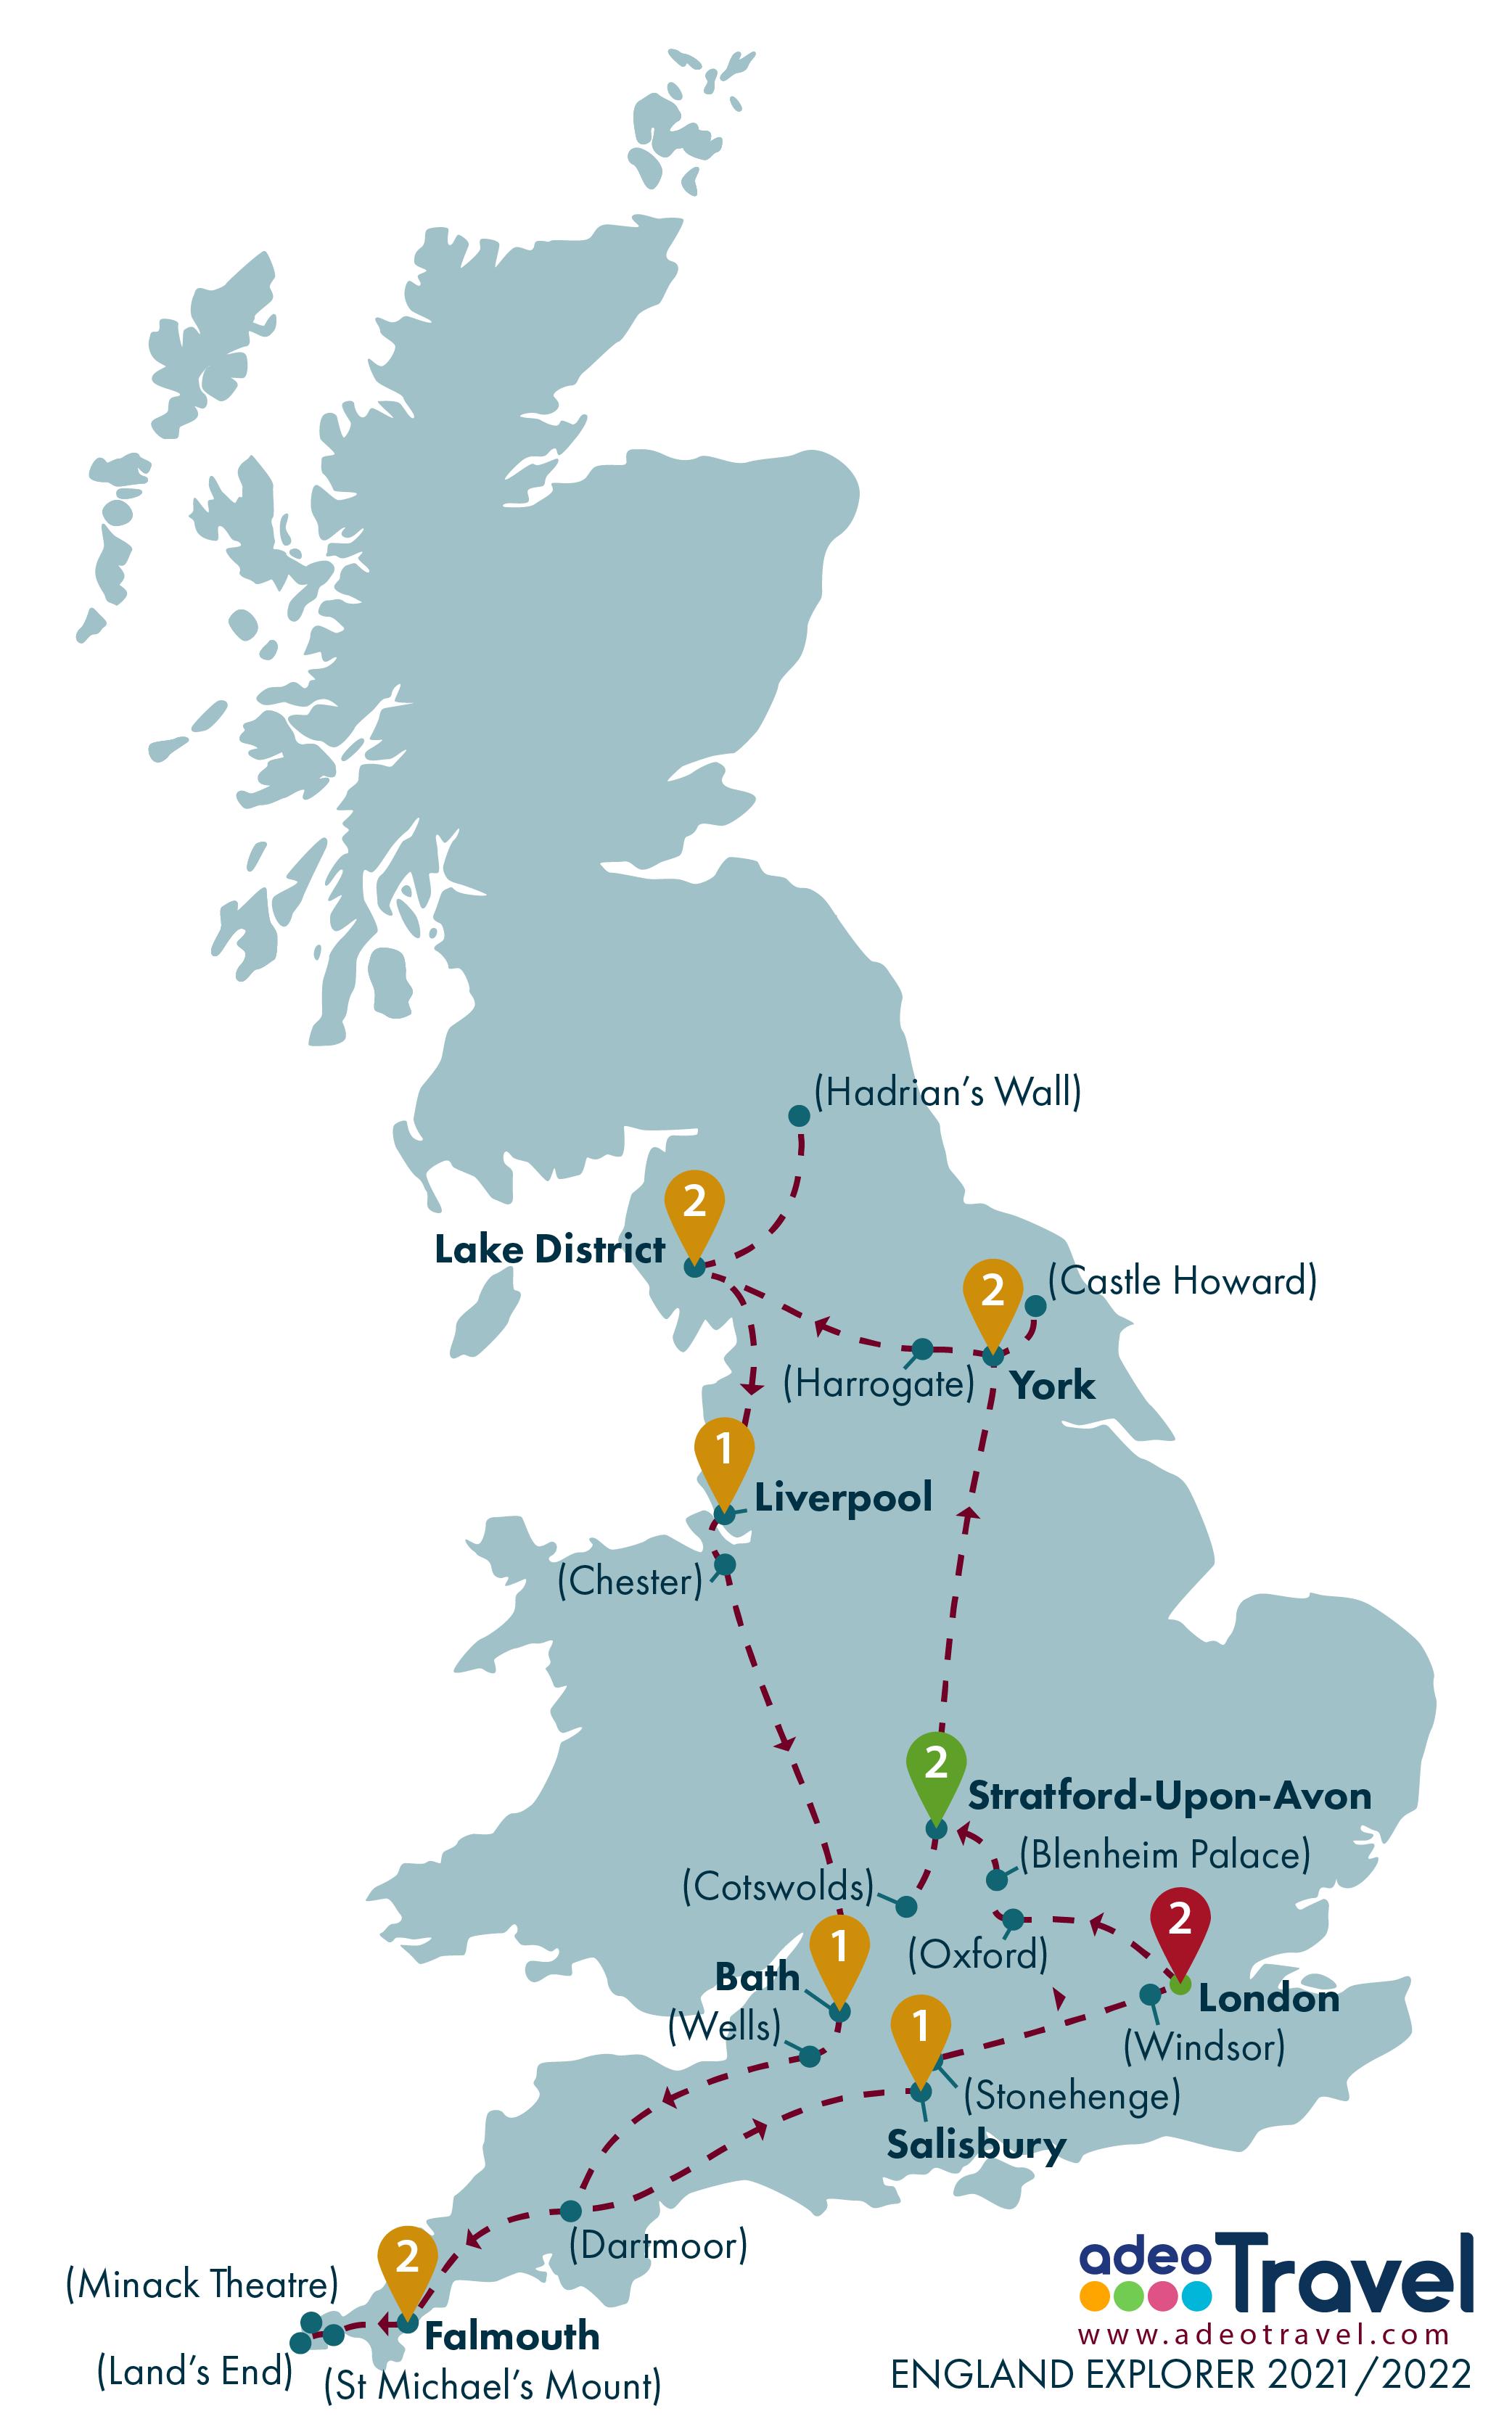 Map - England Explorer 2021 2022